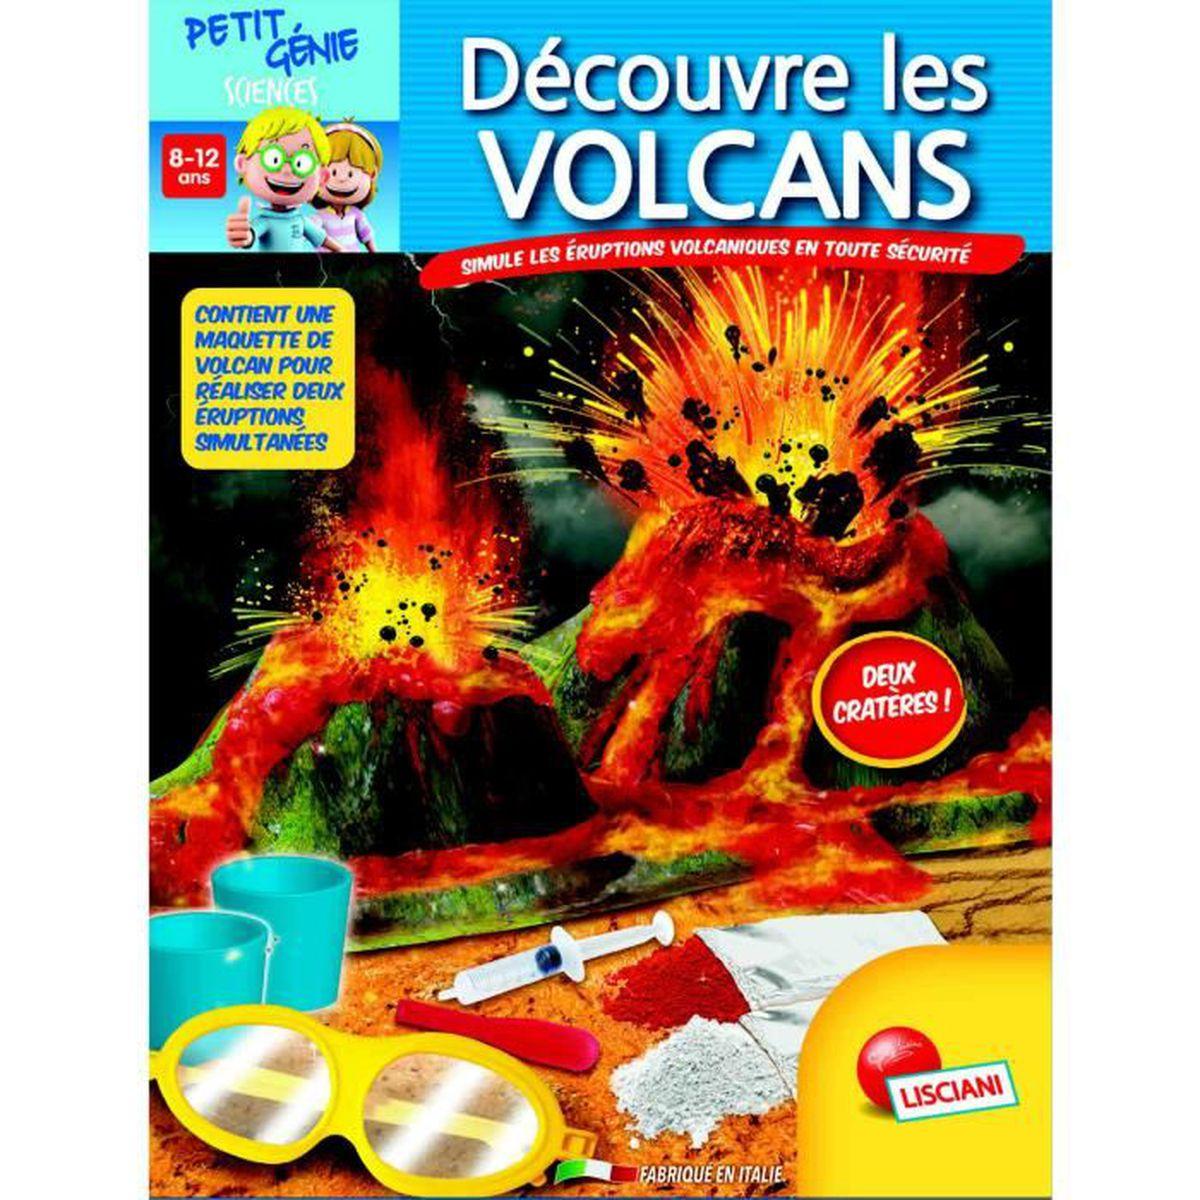 EXPÉRIENCE SCIENTIFIQUE Coffret petit génie : Découvre les volcans aille U